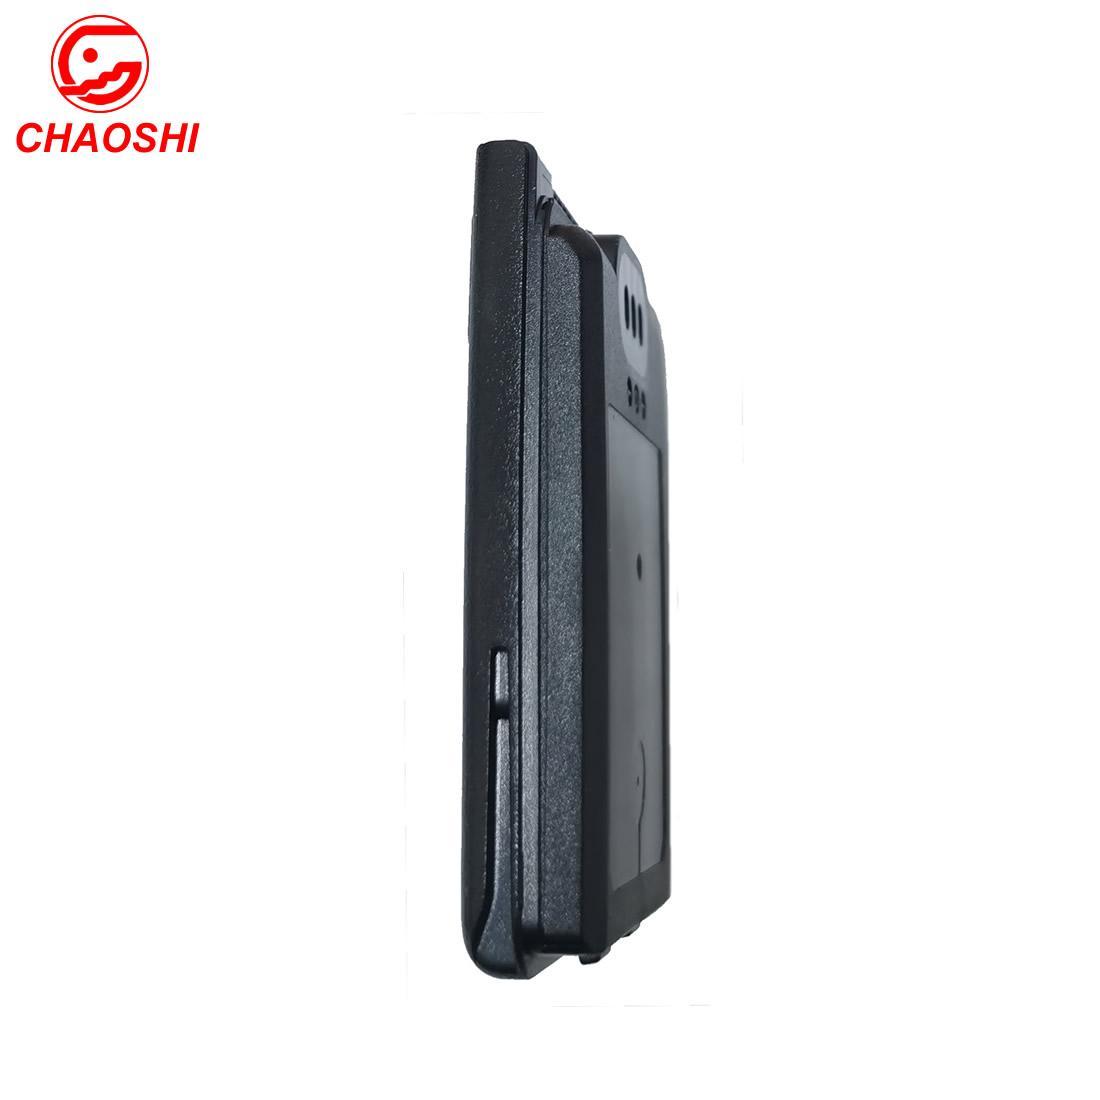 BP290對講機電池 IC-F52D, IC-F62D, IC-M85 3